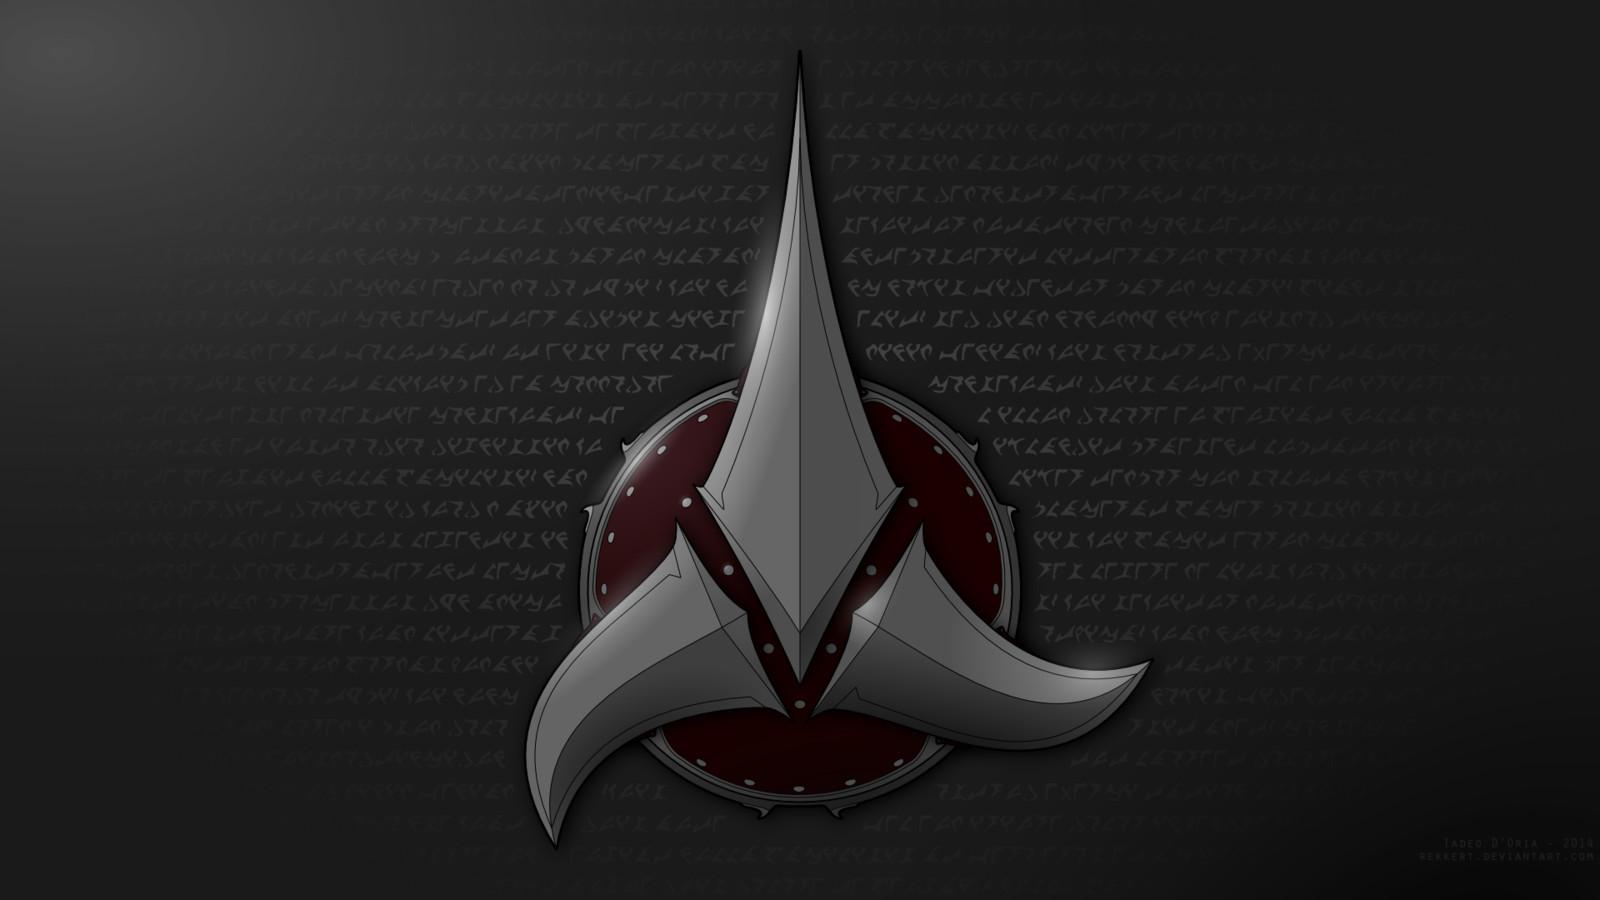 'The Klingon Way' - 2014